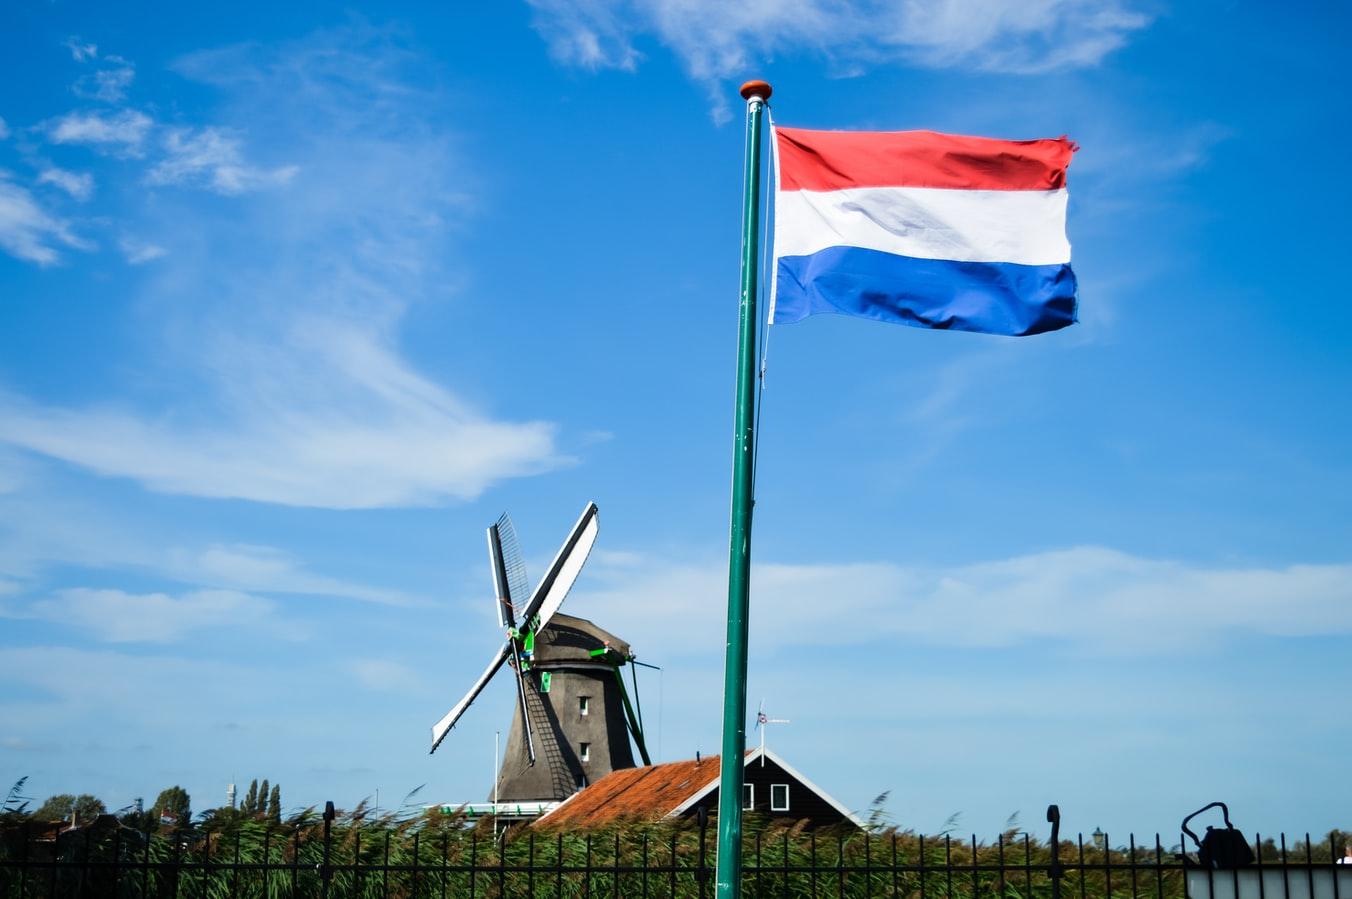 Les autorités néerlandaises donnent leur feu vert pour que les patients en obésité massive de moins de 65 ans puissent recevoir les injections anti-Covid-19 rapidement.